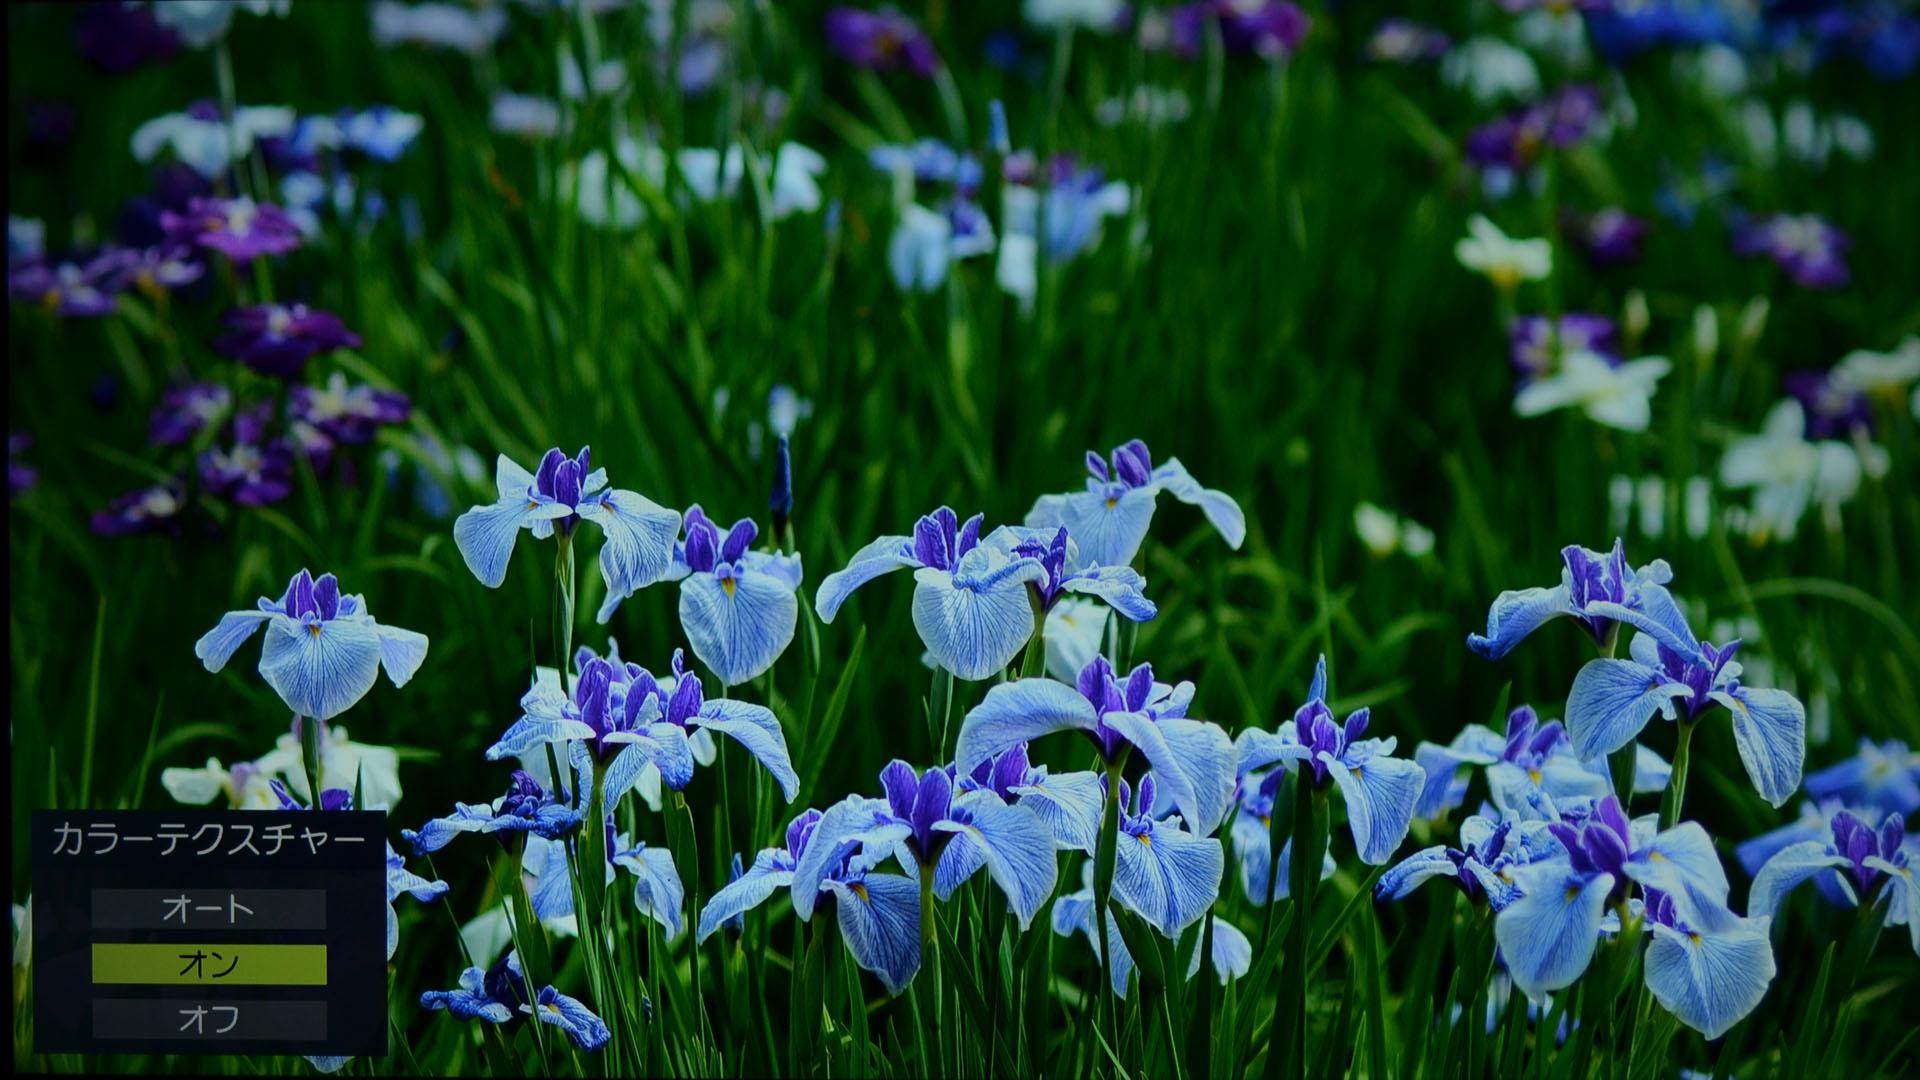 カラーテクスチャー=オン。紫の花びら、および白の花びらの脈部分の先鋭感の違いに着目